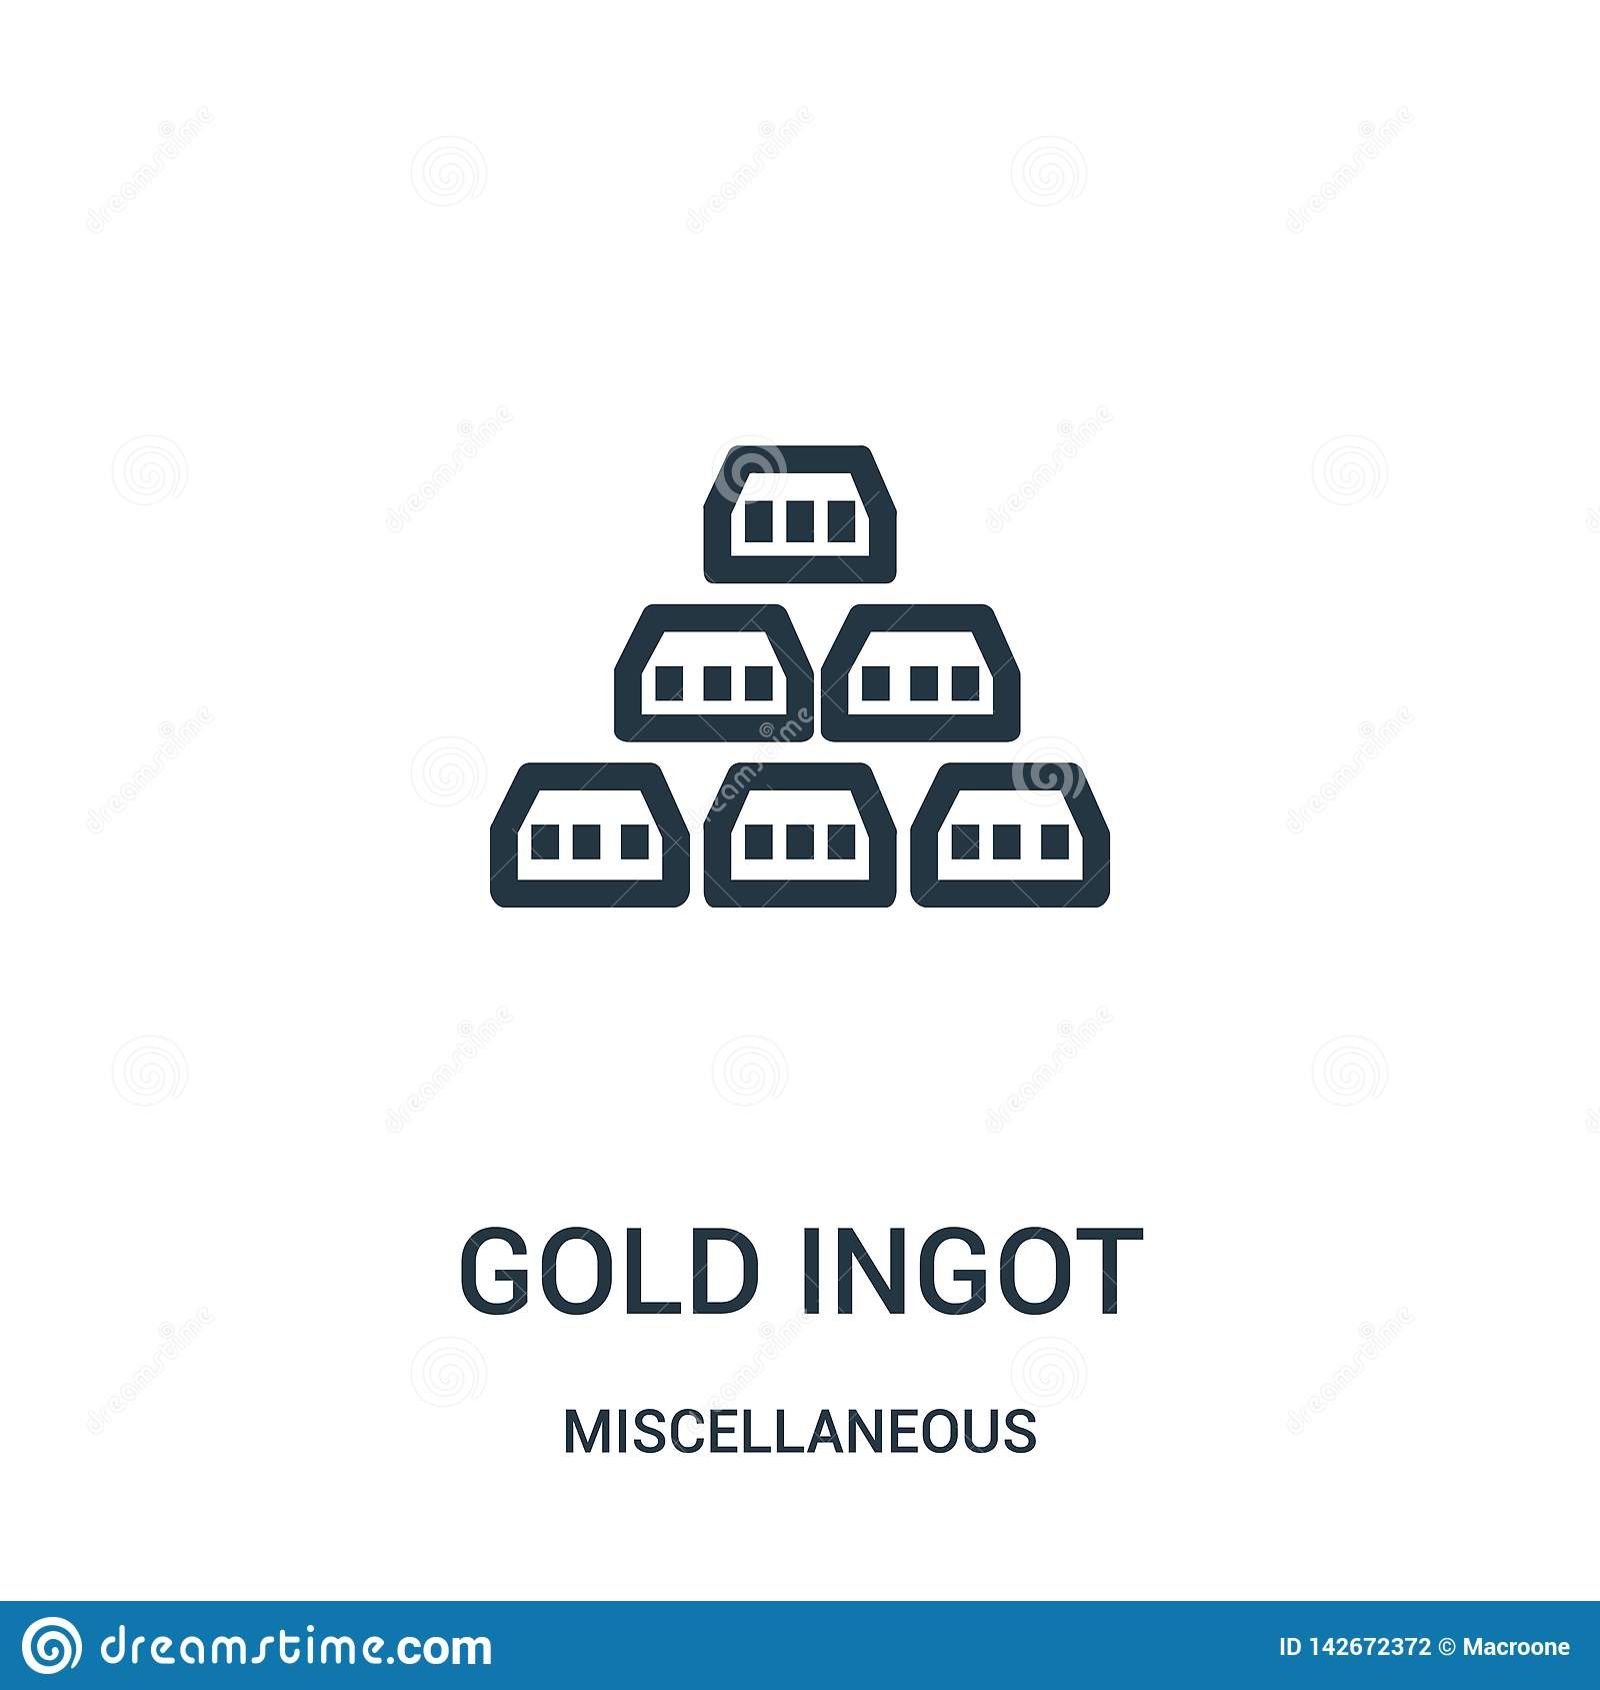 вектор значка золотого ингота от разностороннего собрания Тонкая линия иллюстрация вектора значка плана золотого ингота Линейный